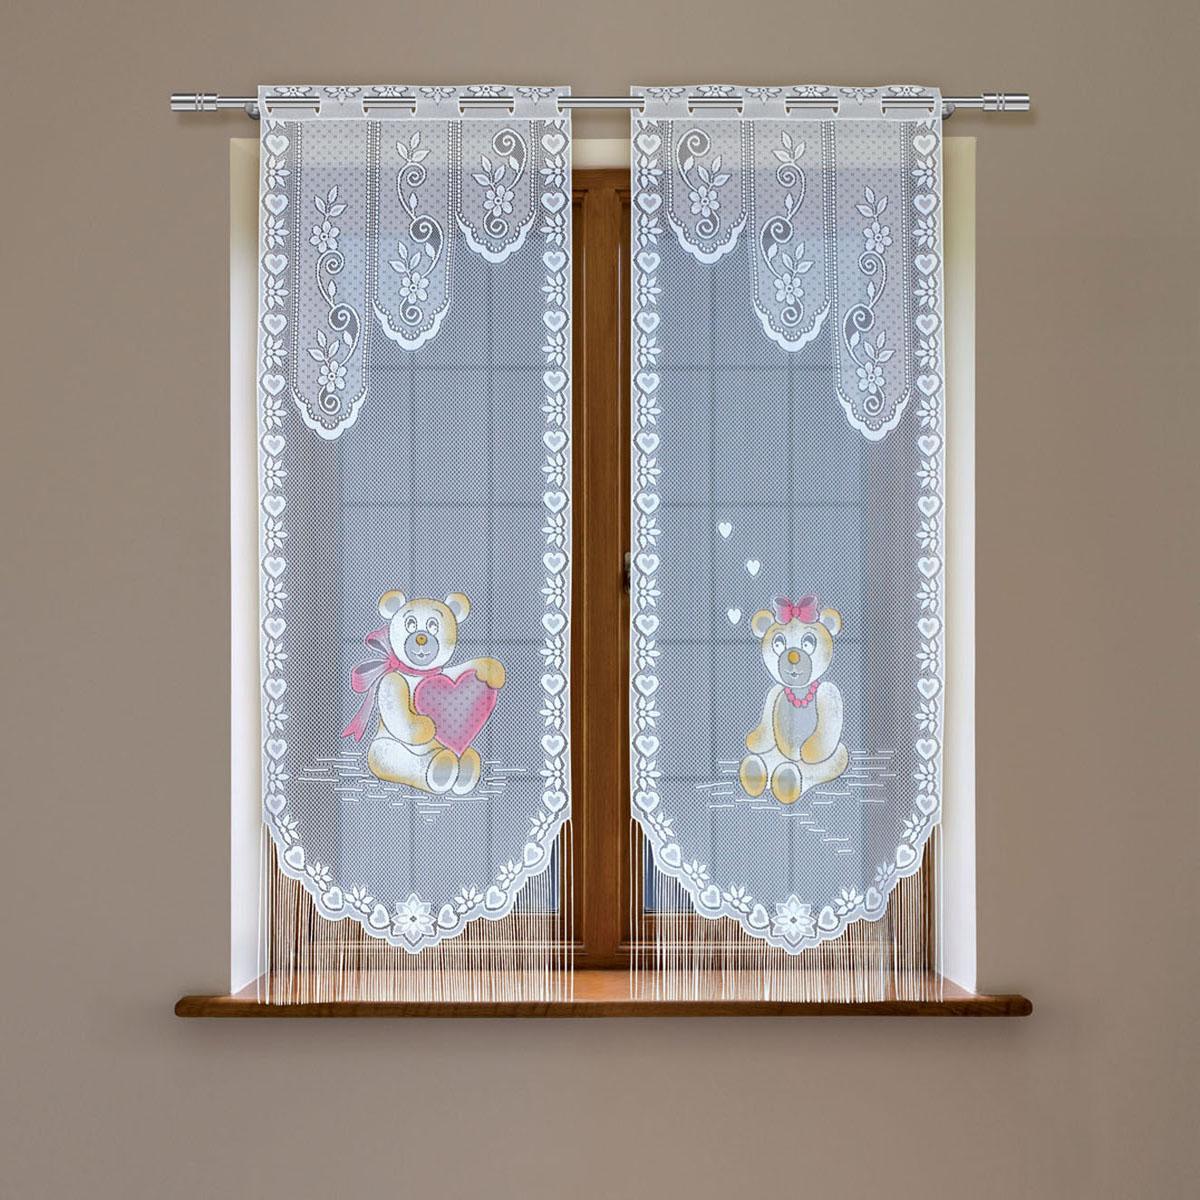 Гардина Haft, цвет: белый, высота 120 см. 8148D/608148D/60Гардина имеет в верхней части полотна прорези, через которые гардина-витраж вывешивается на карниз или можно крепить на зажим для штор,котрый в комплект не входит.Комплект состоит из двух полотен (выс.120* шир.60) Размеры: (высота 120* ширина 60)*2